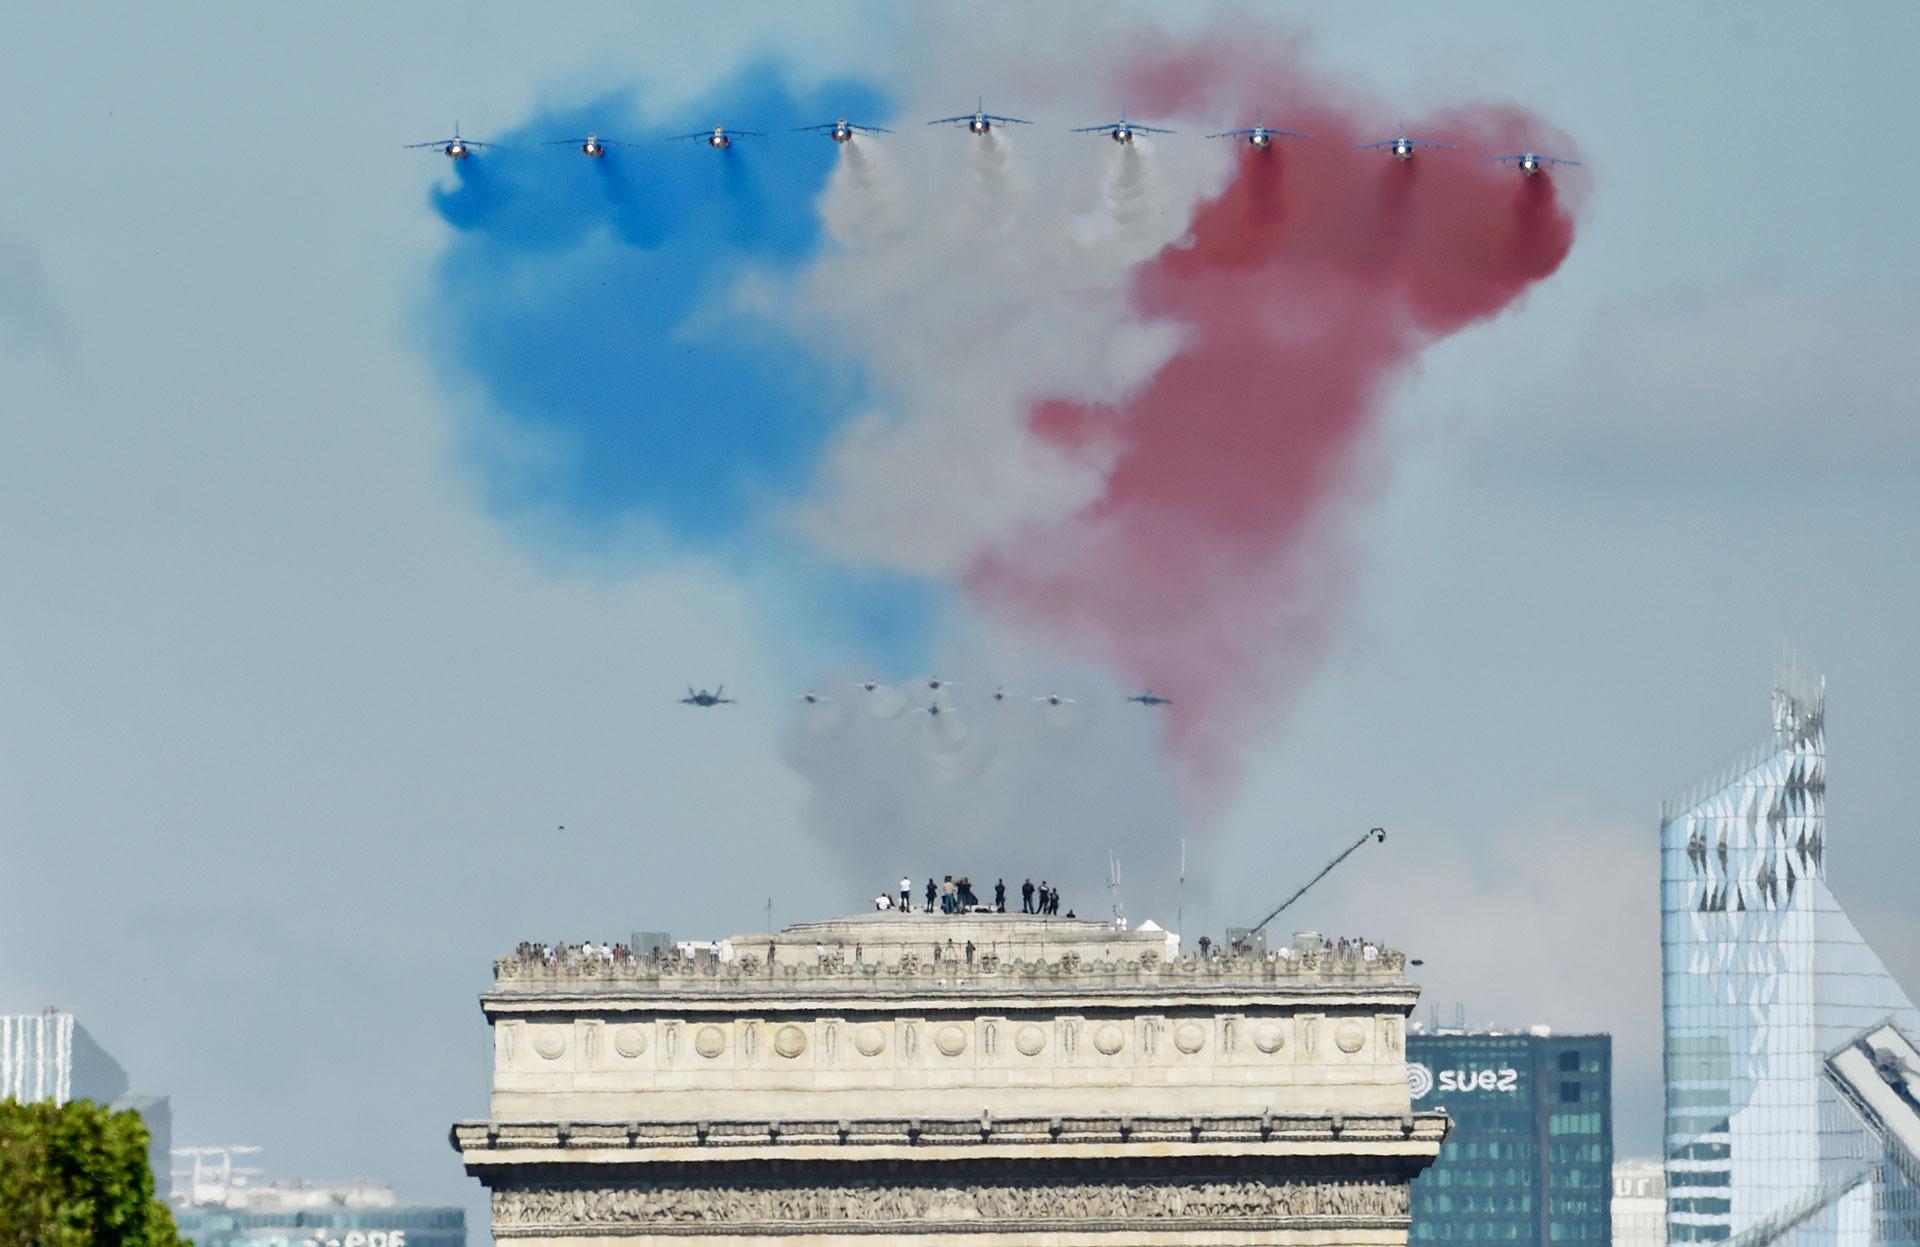 Los colores de la bandera de Francia producidos por los Alphajet franceses (AFP)